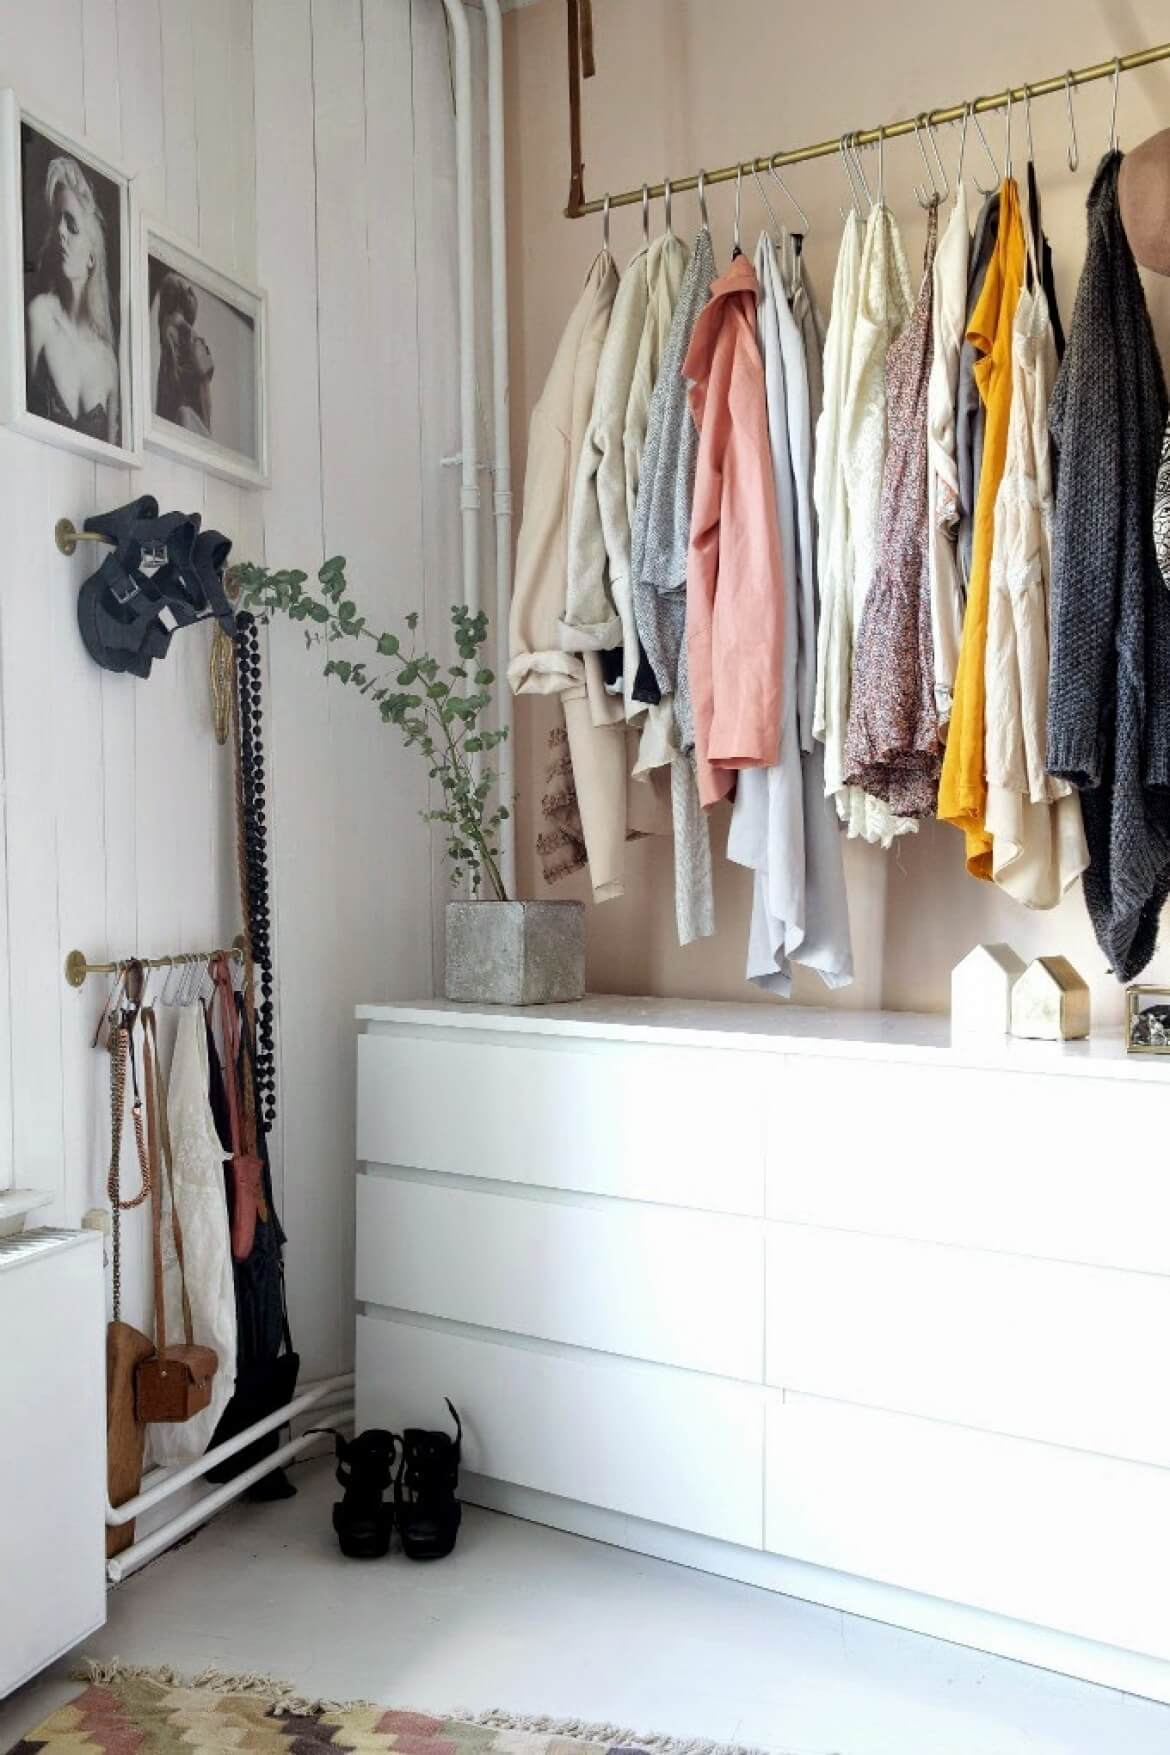 Ideas Brillantes de Organización de Dormitorio